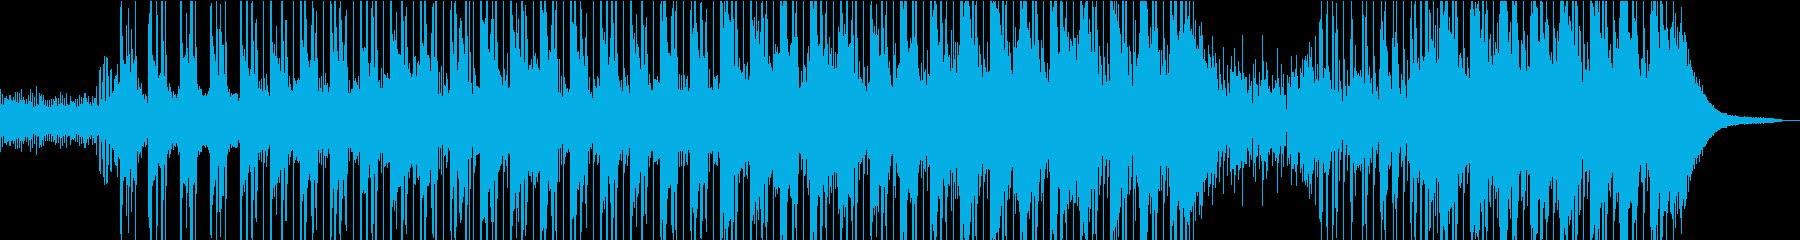 フューチャ ベース コーポレート ...の再生済みの波形